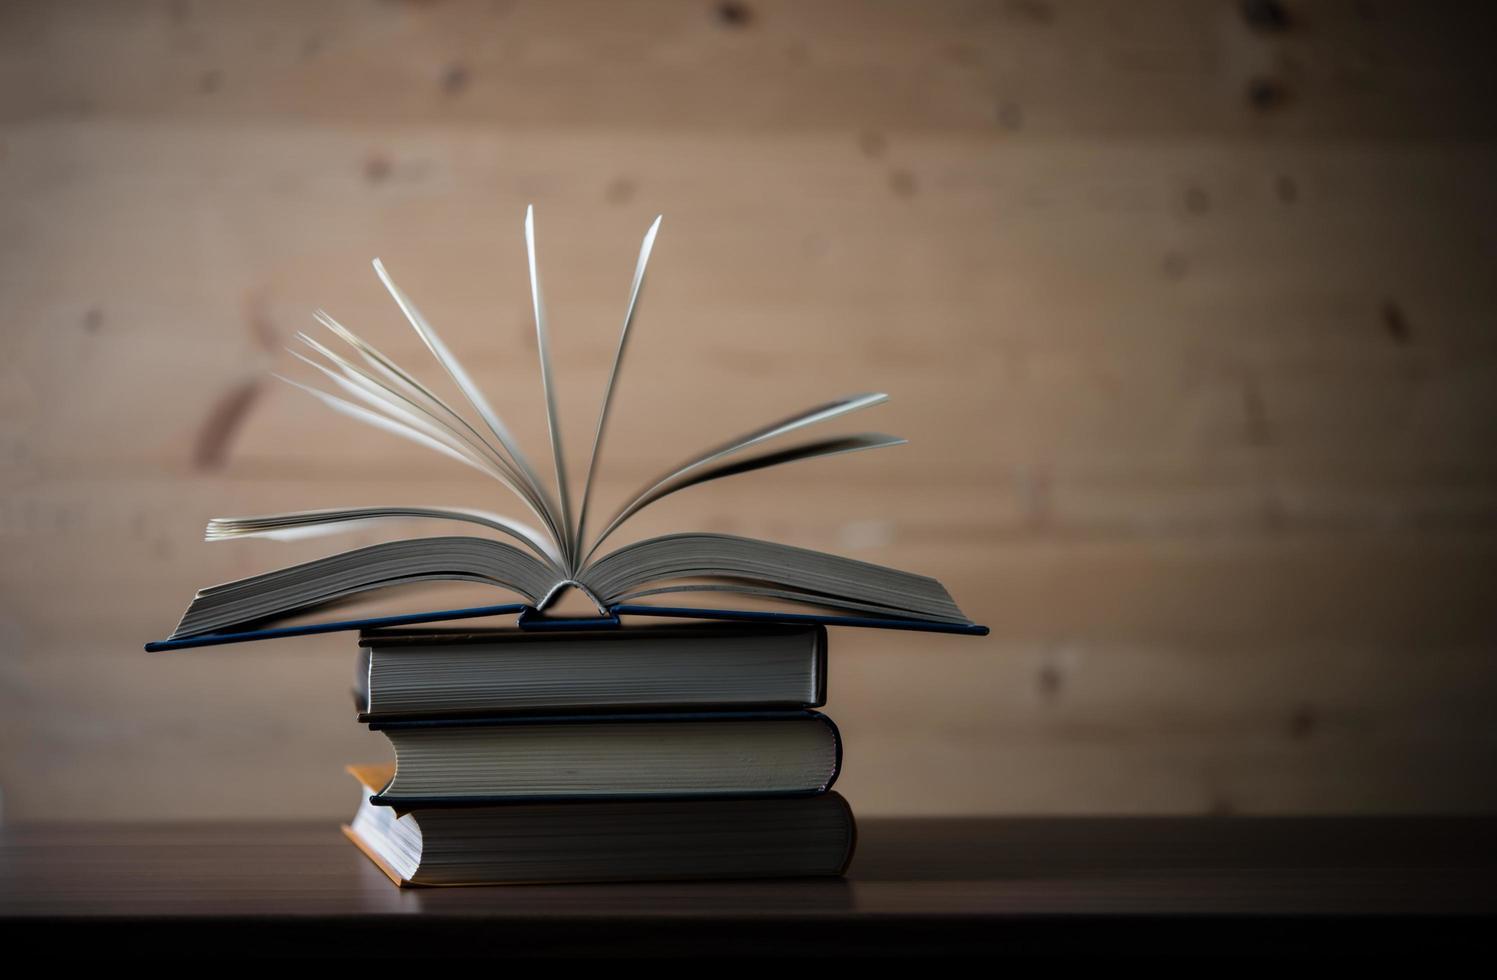 stapel open boeken op een houten tafel foto